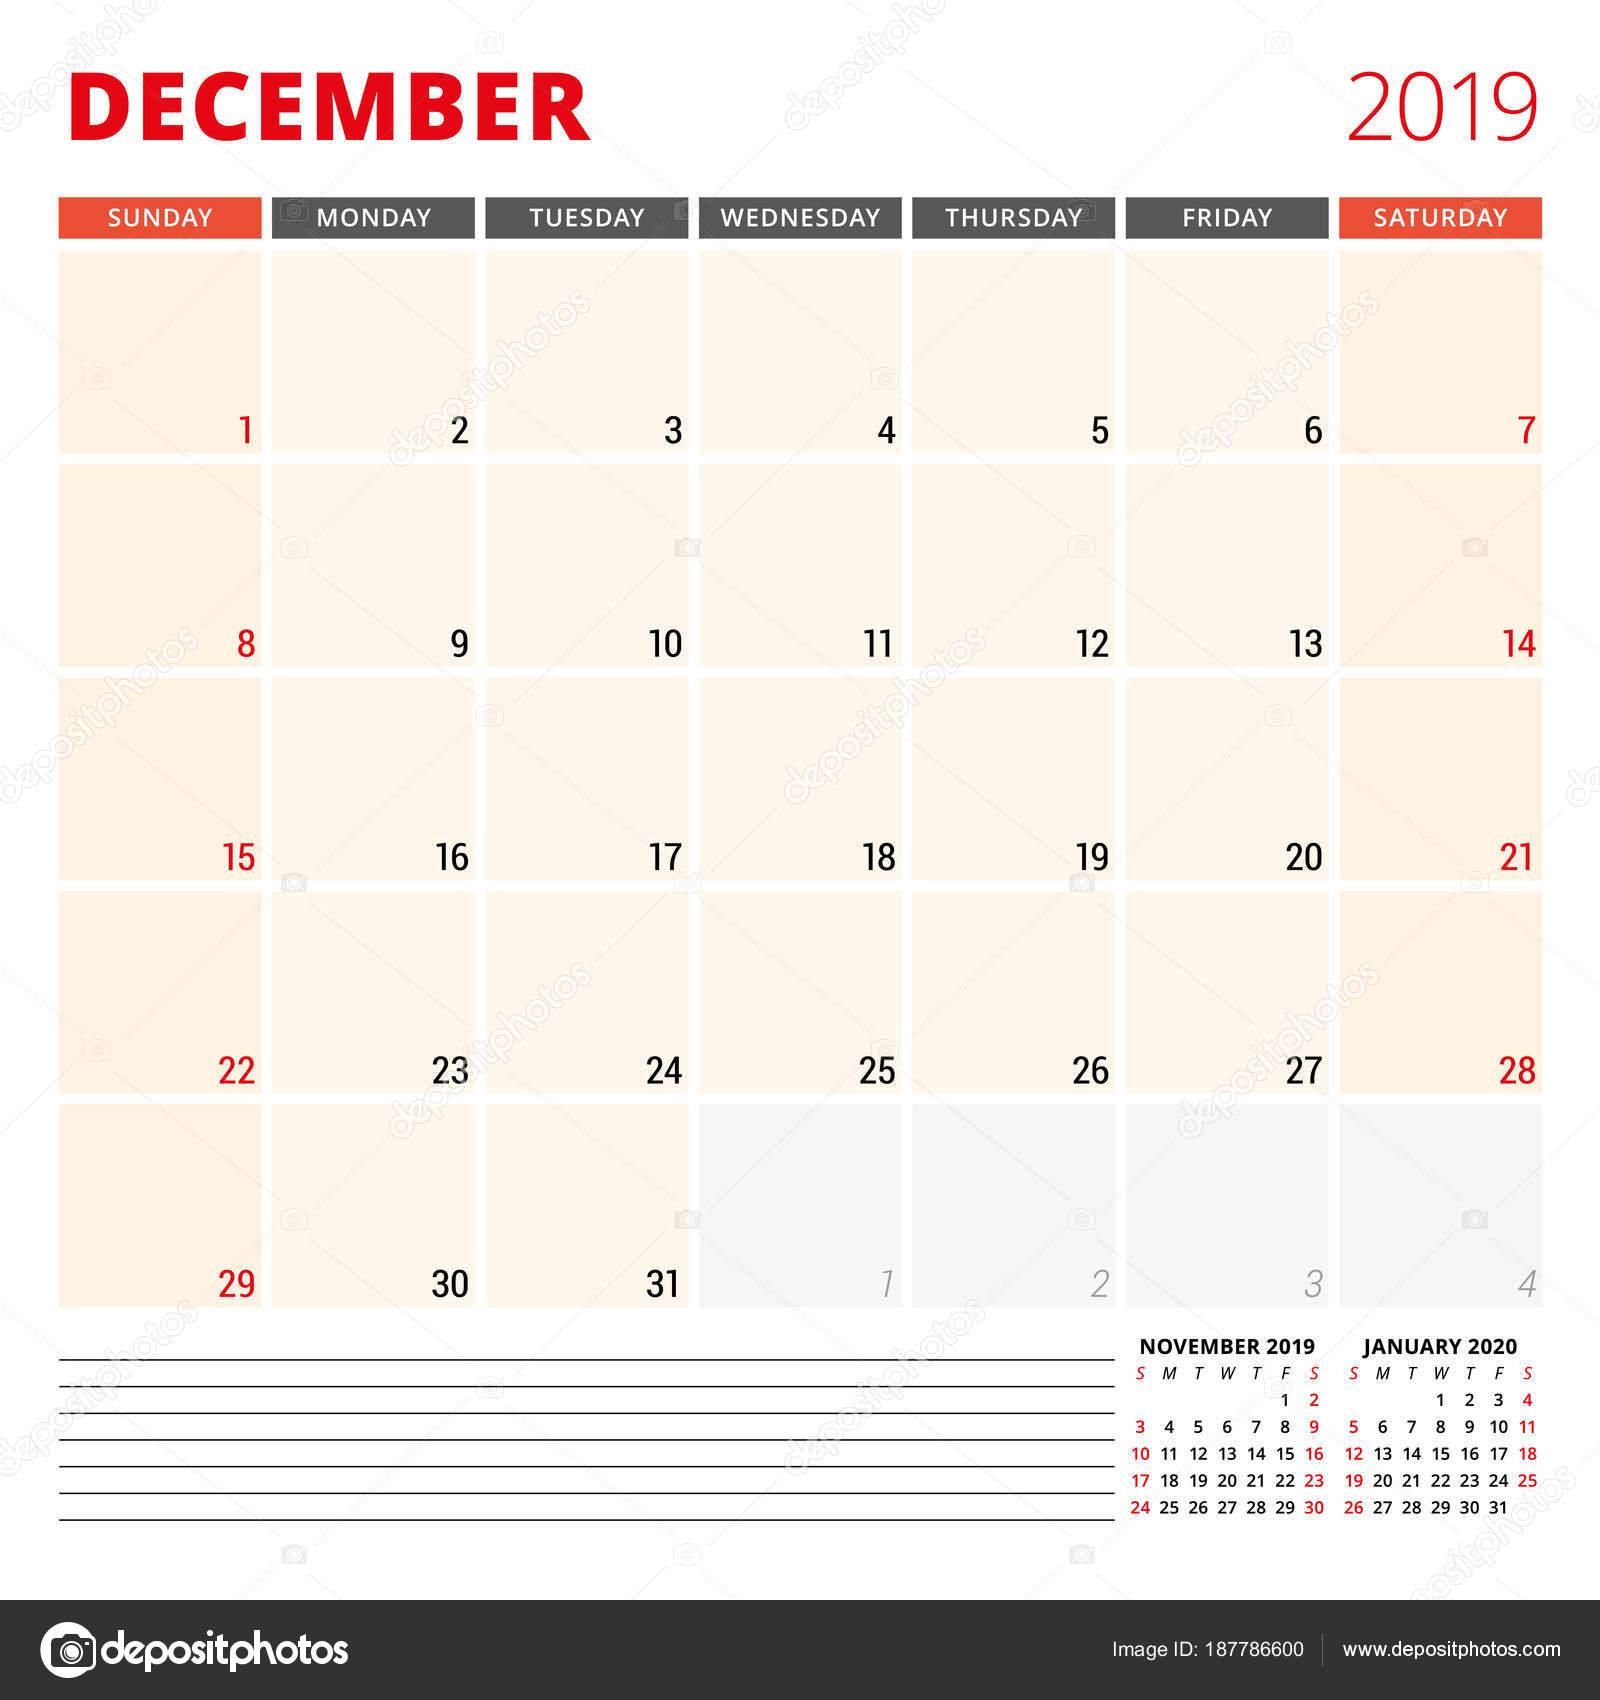 14 Aralık 2019 Pazartesi